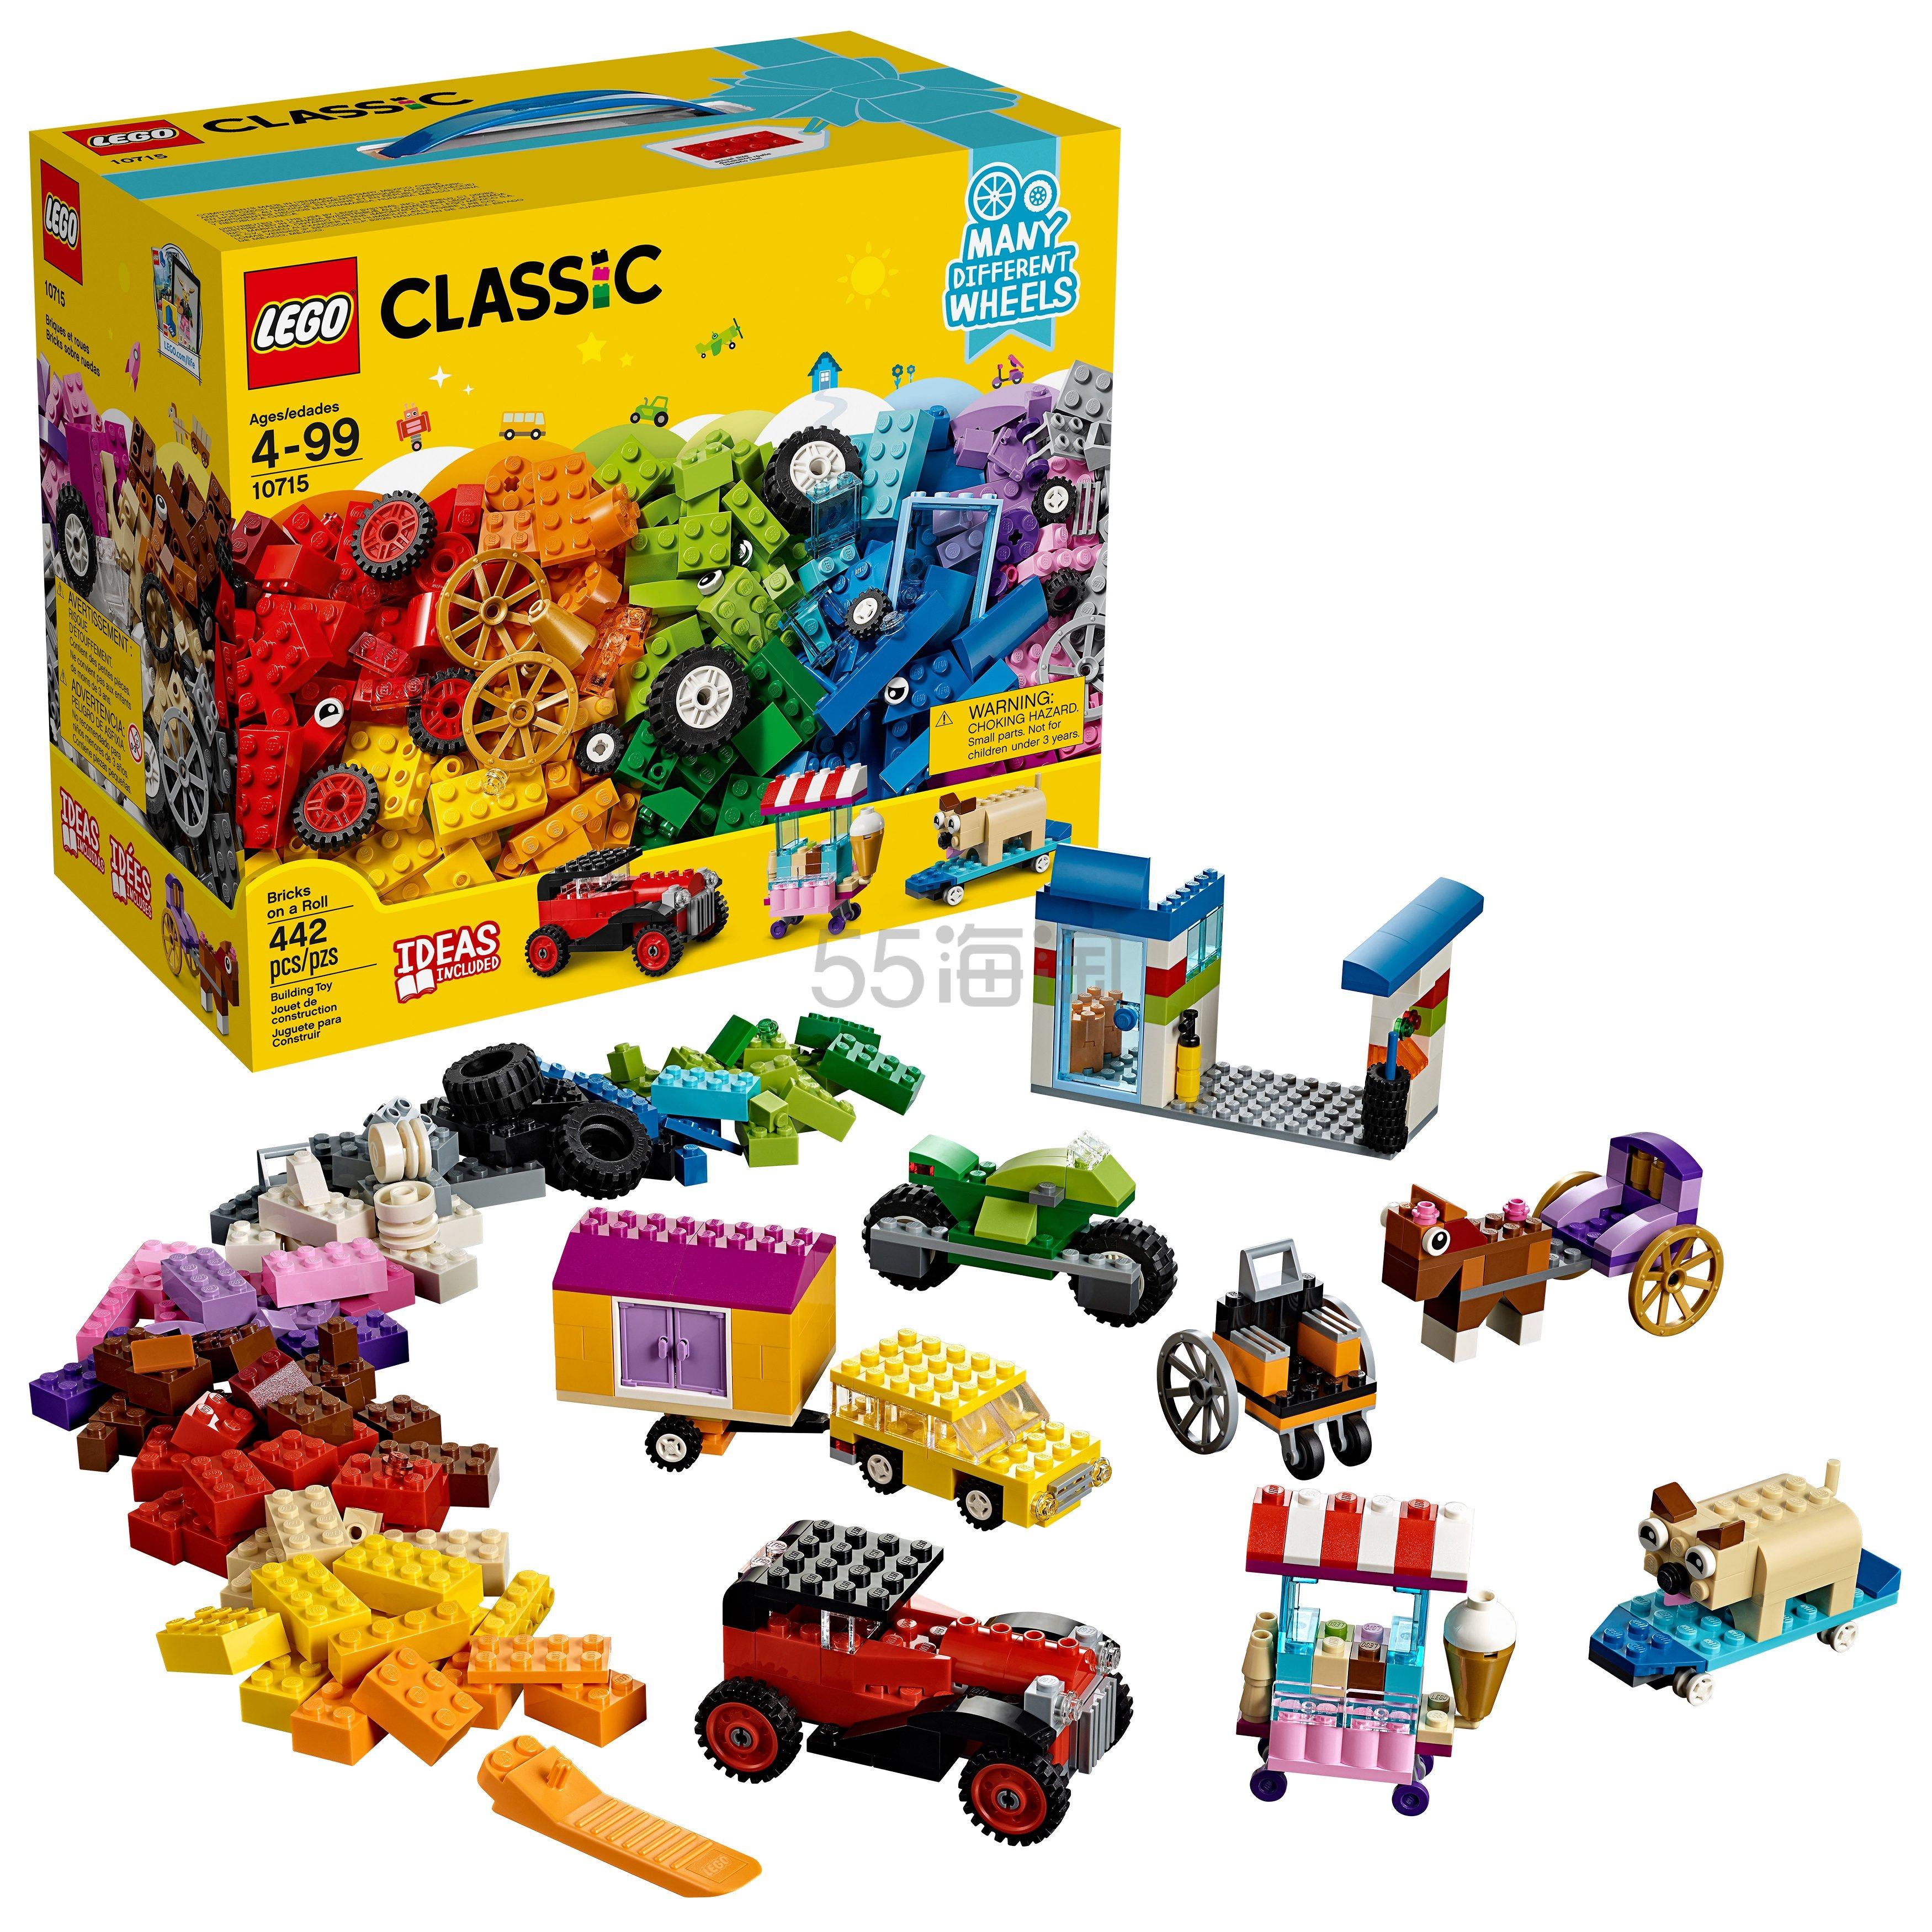 LEGO 乐高 10715 多轮创意拼砌篮 442块 .99(约140元) - 海淘优惠海淘折扣|55海淘网